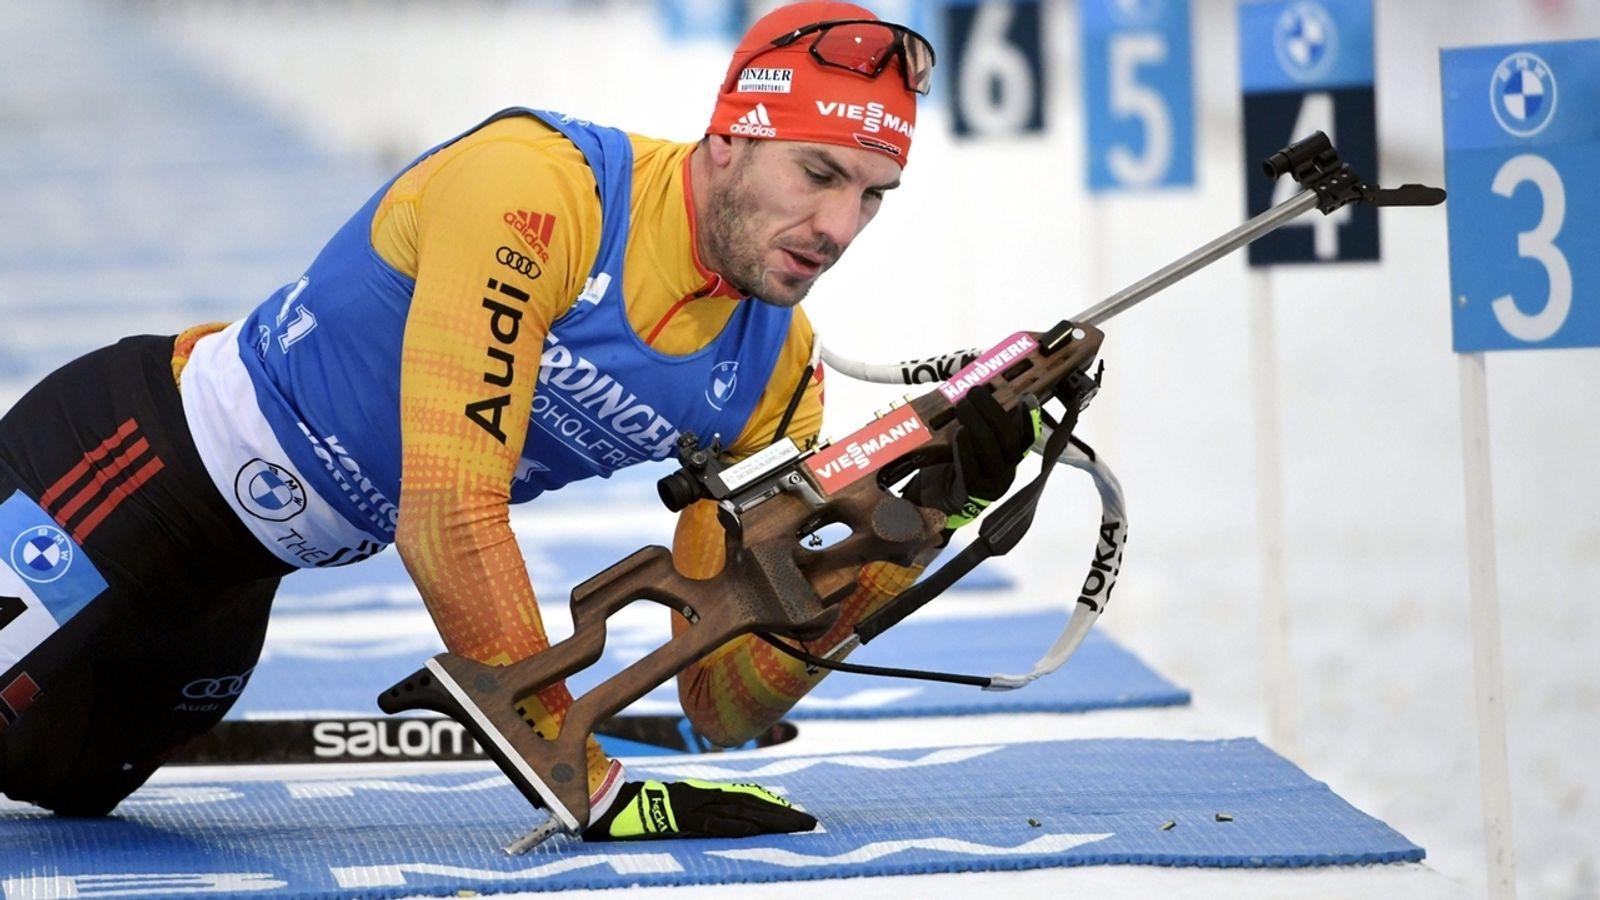 Biathlon: Schneller Peiffer Zweiter im Sprint, Doll Achter